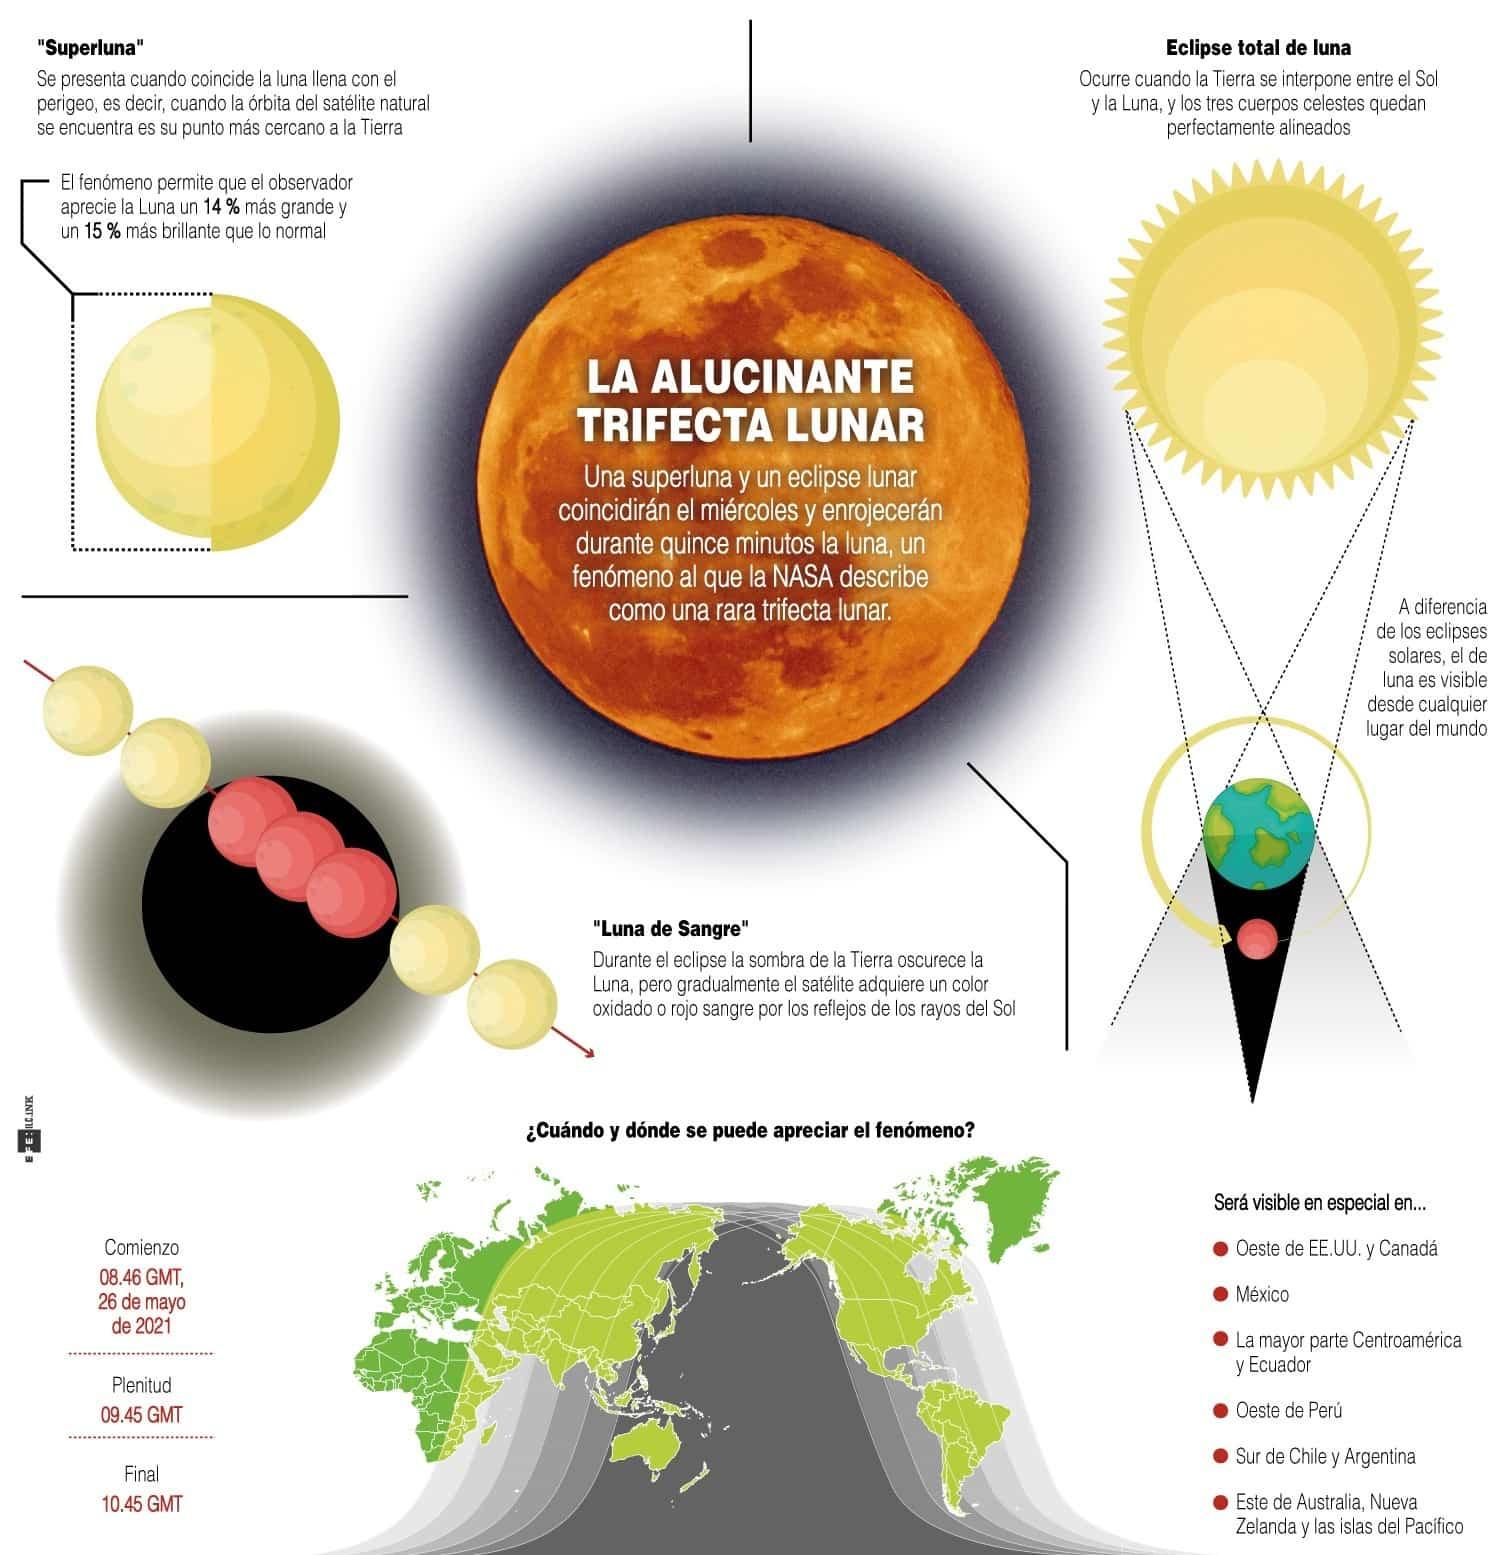 """[Infografía] - Eclipse, """"superluna"""" y """"luna de sangre"""": el alucinante triple fenómeno astronómico 1"""